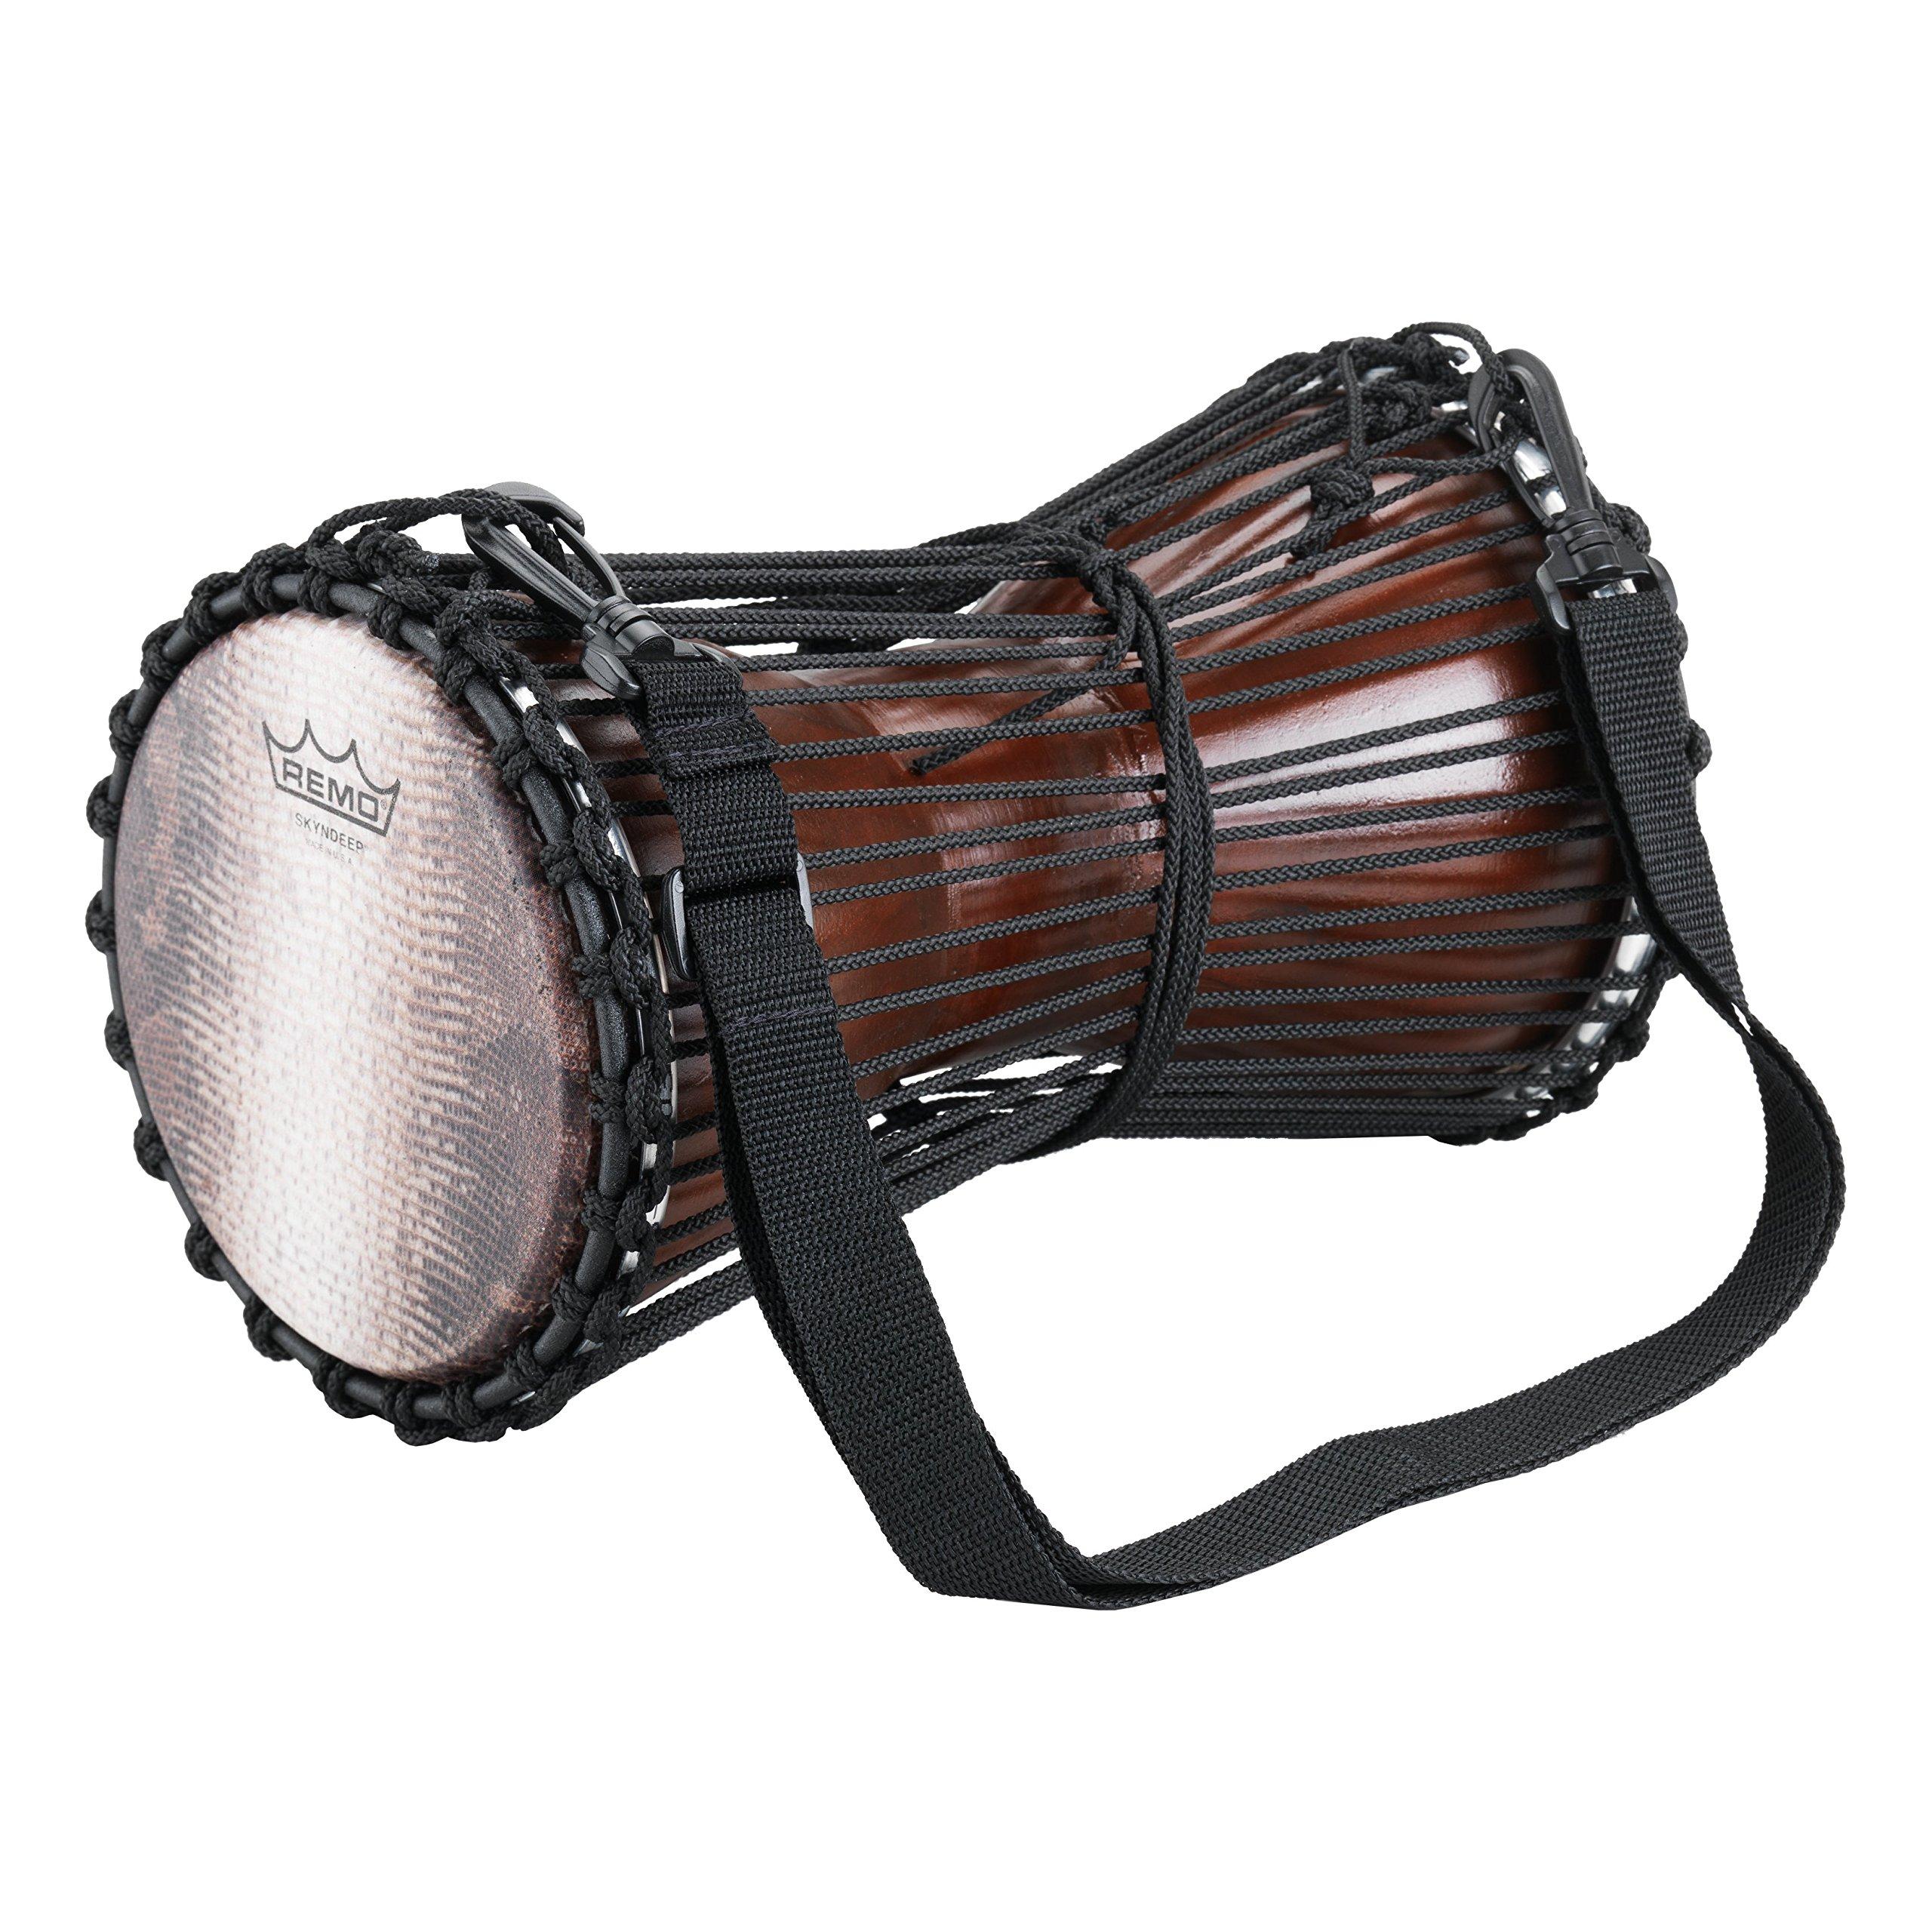 Remo Tamani Talking Drum 6 x 11 in. Antique